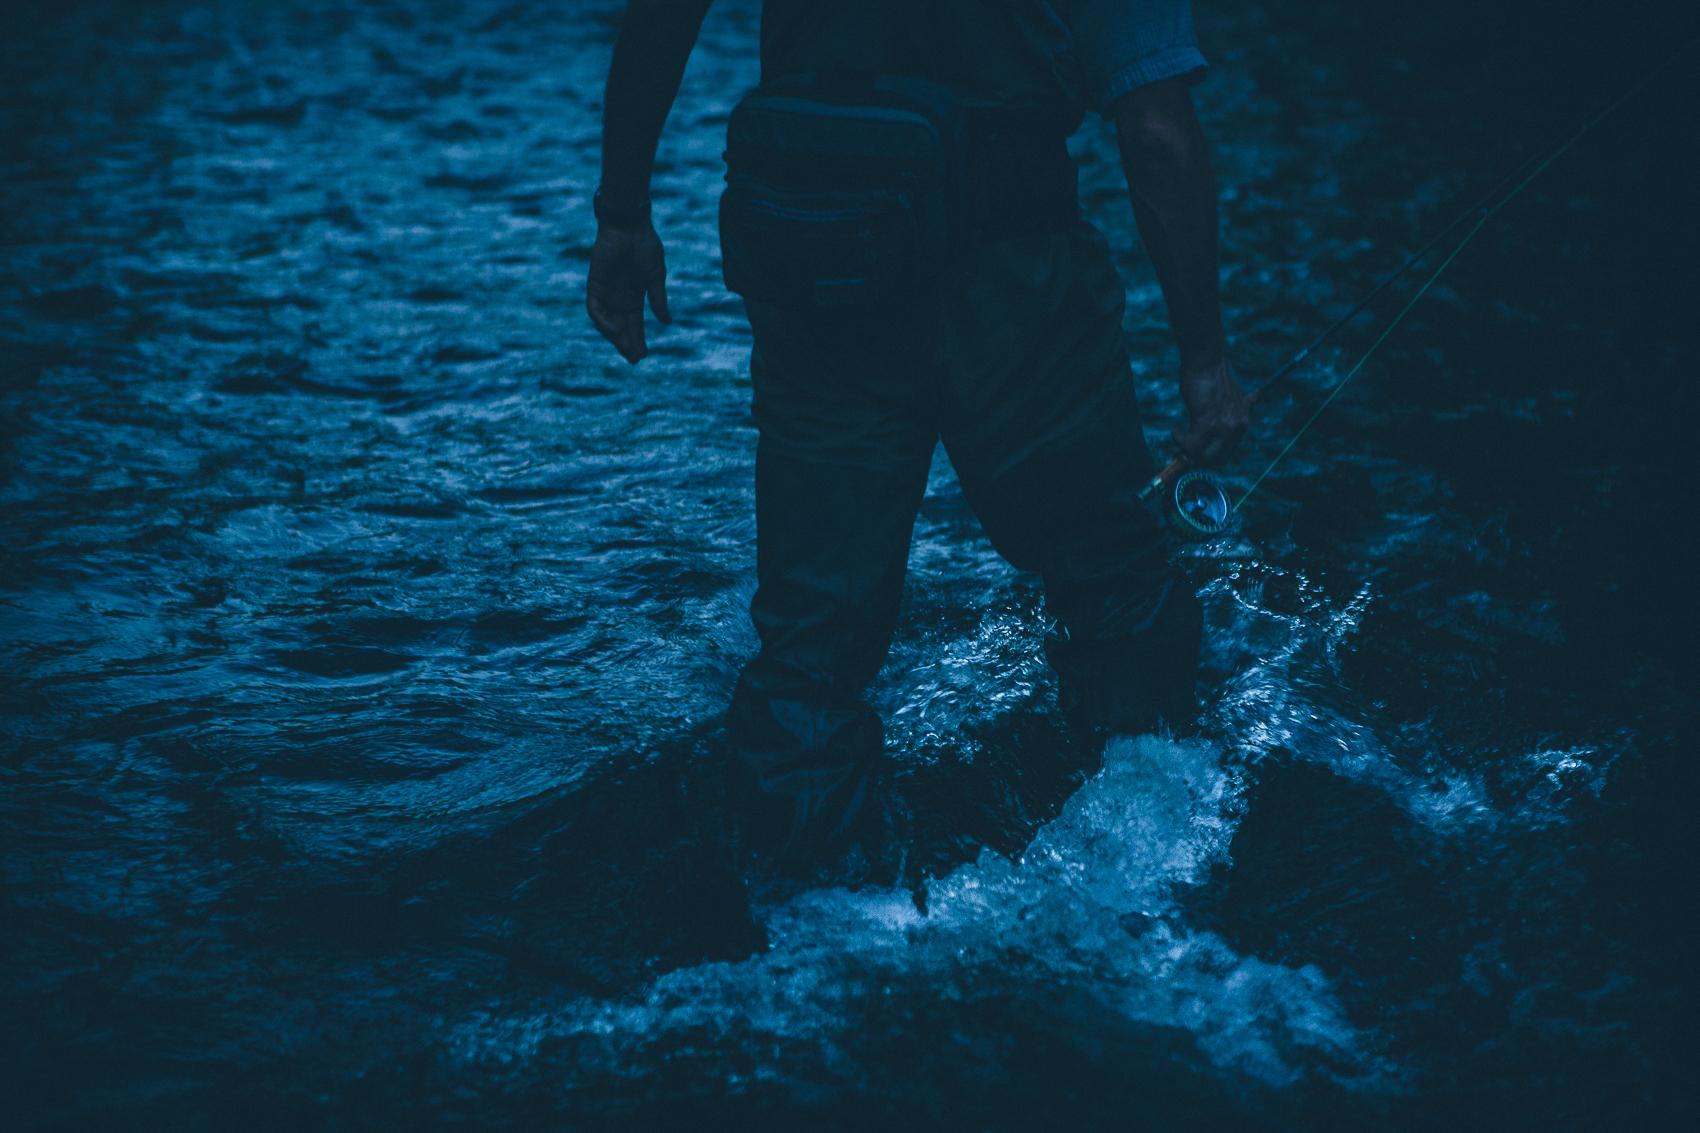 051115-153-jackson-river-trout